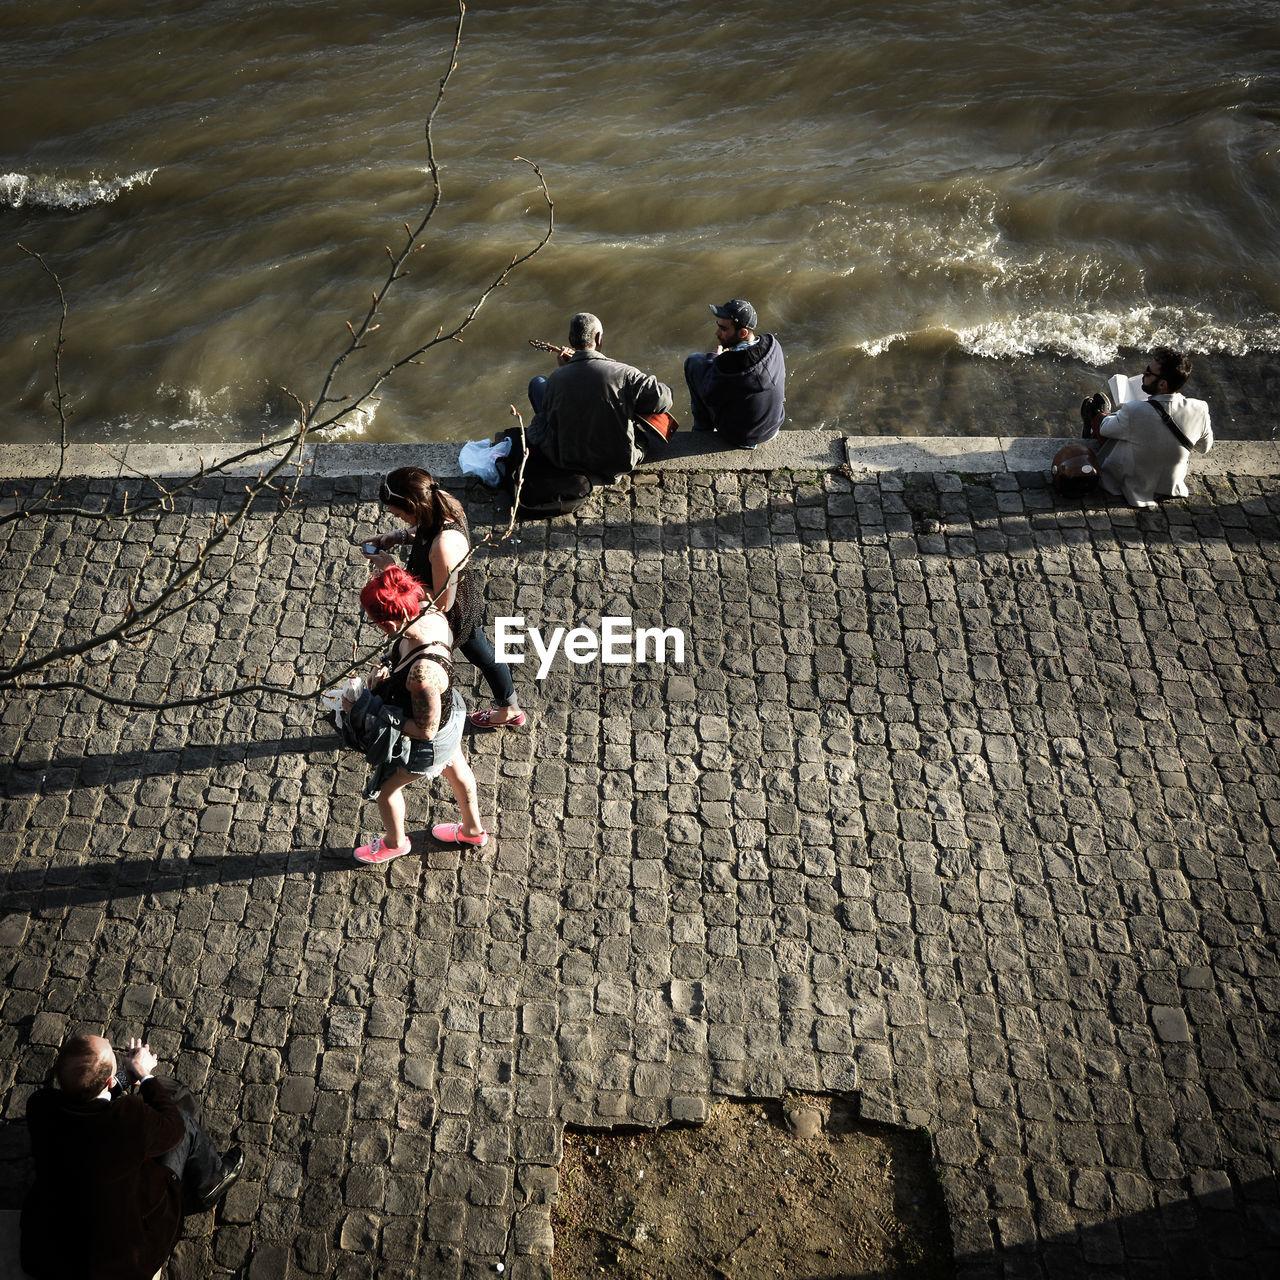 Paris, Quais de Seine, People on riverbank